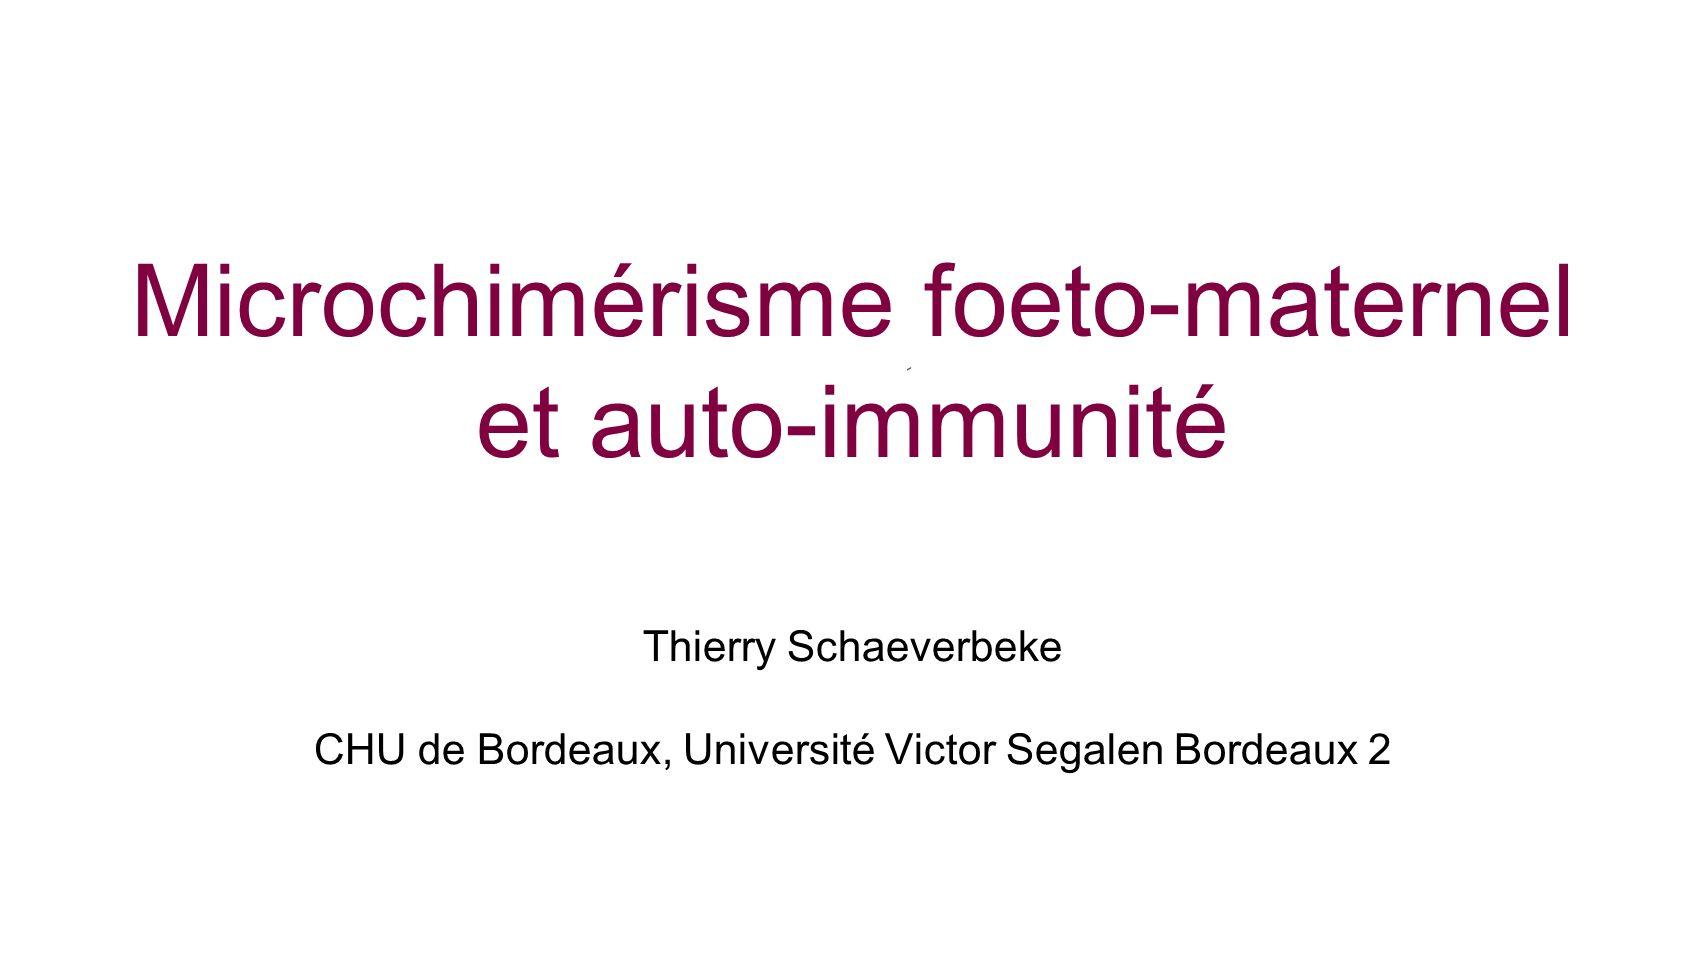 Microchimérisme foeto-maternel et auto-immunité Thierry Schaeverbeke CHU de Bordeaux, Université Victor Segalen Bordeaux 2